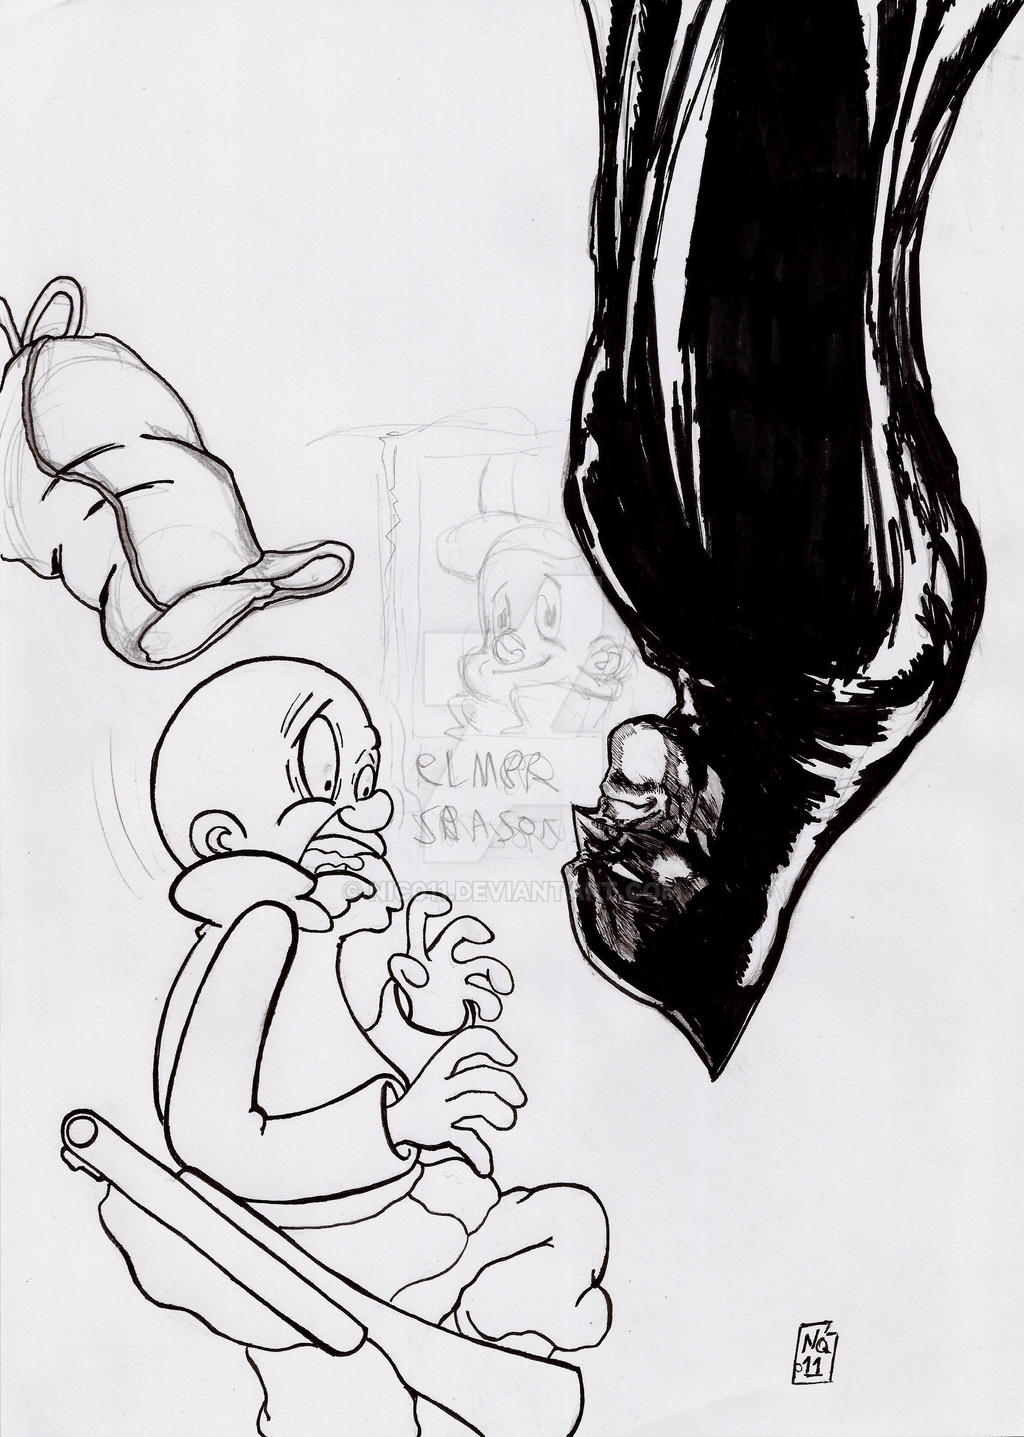 Batman/Elmer Fudd by nic011